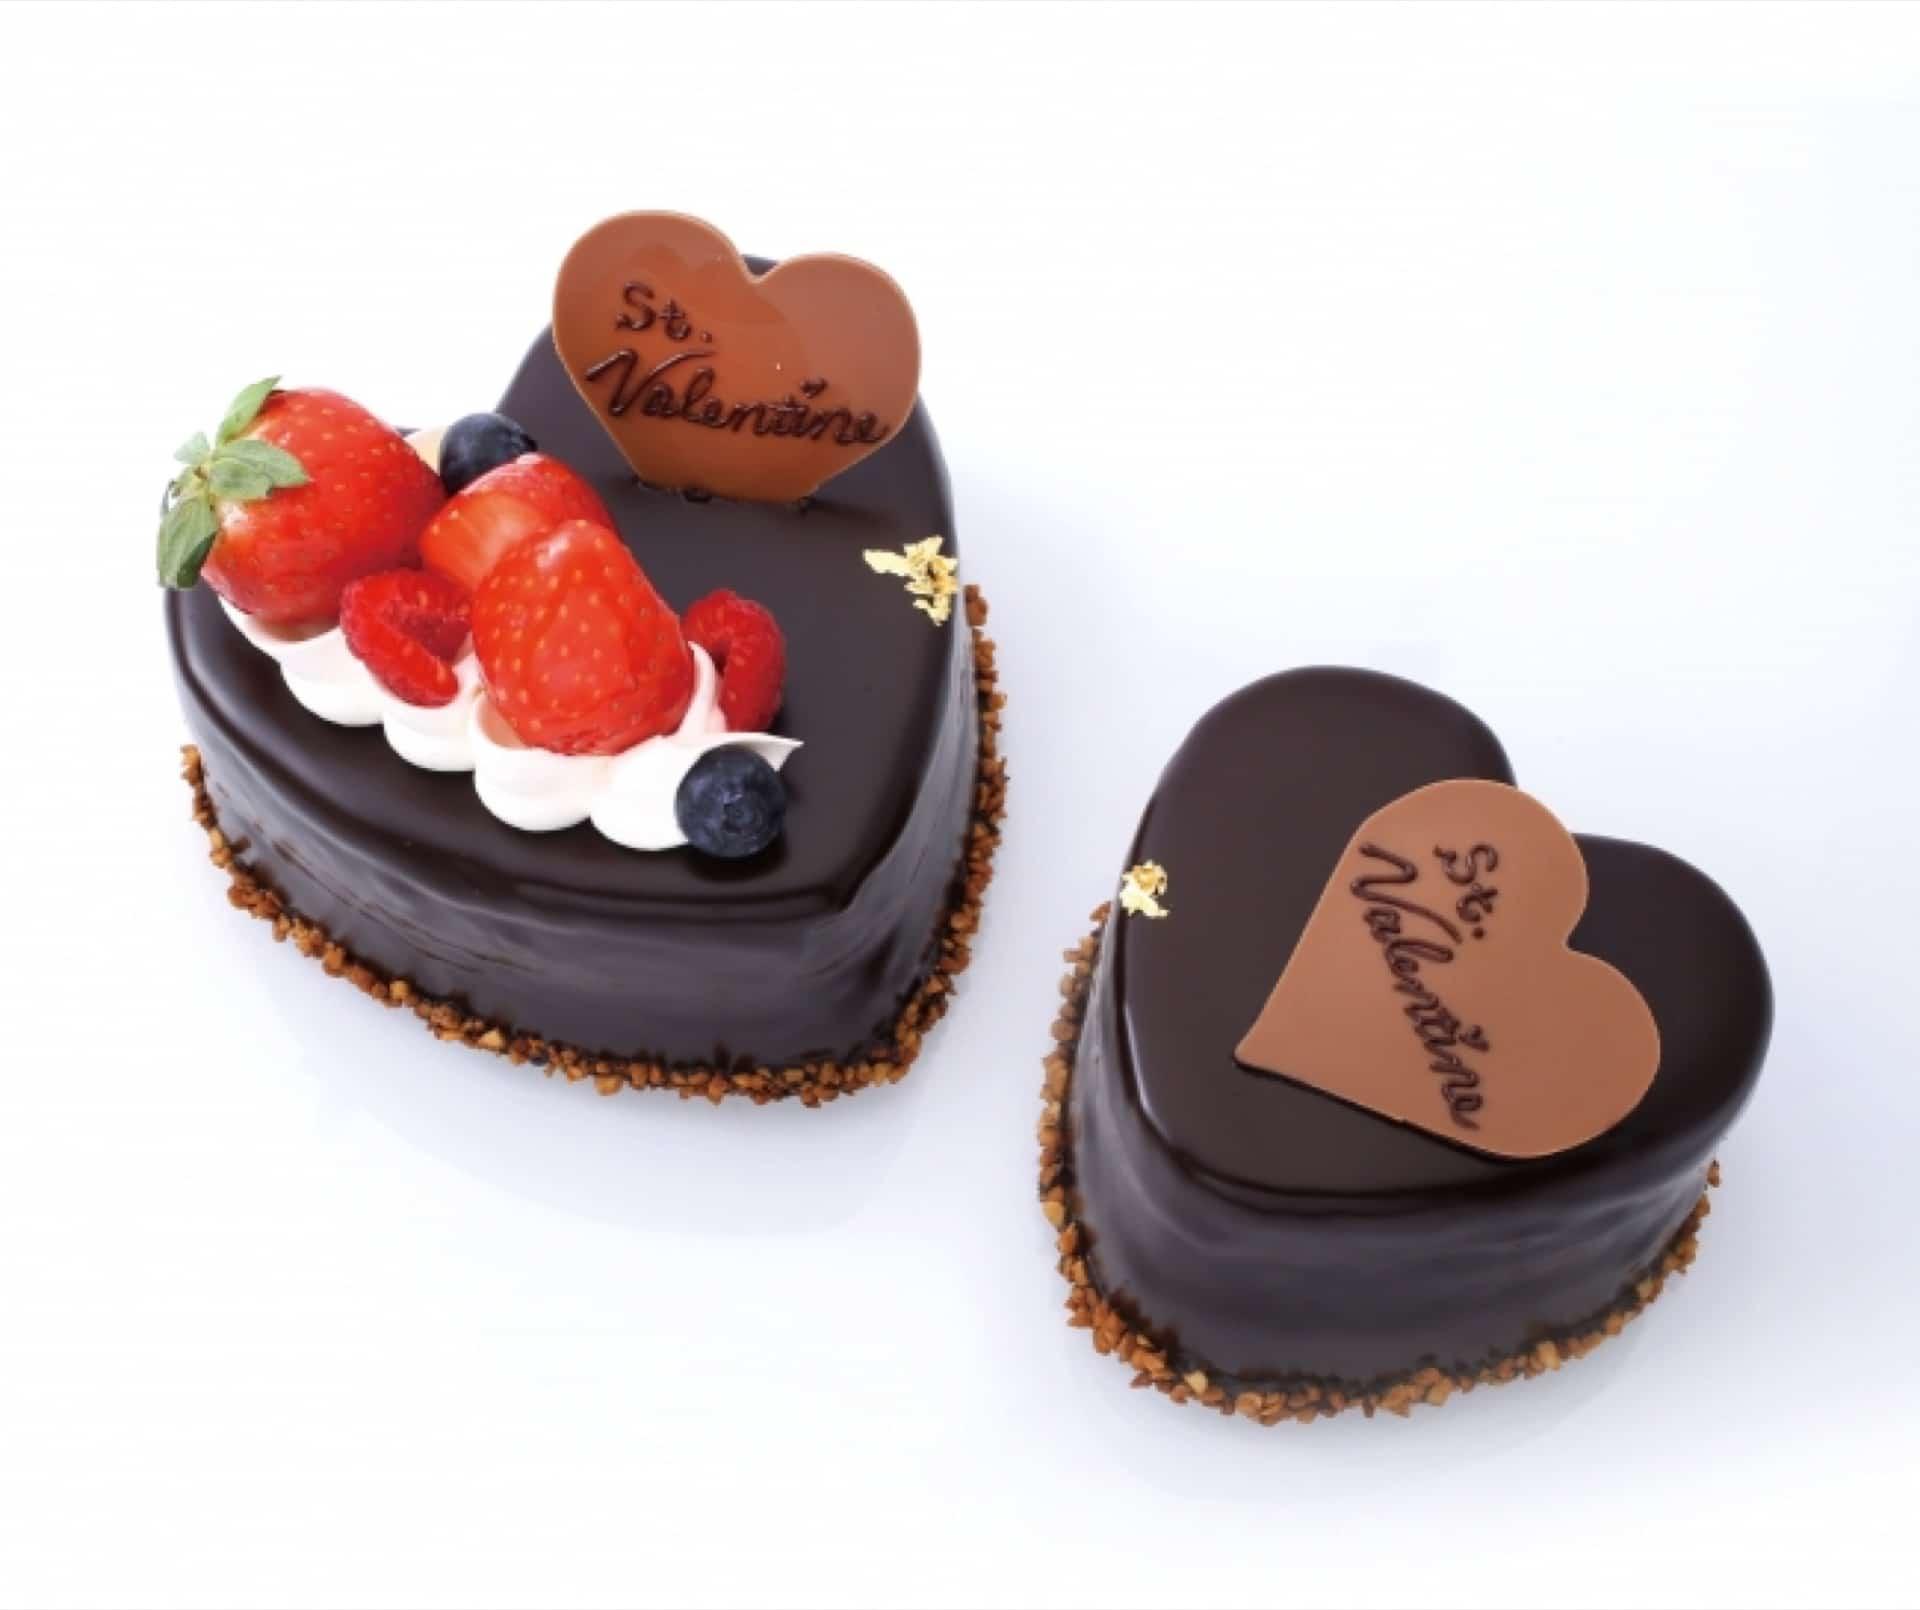 バレンタイン限定!「アンテノール」のチョコレートケーキにメッセージを入れられる…♡